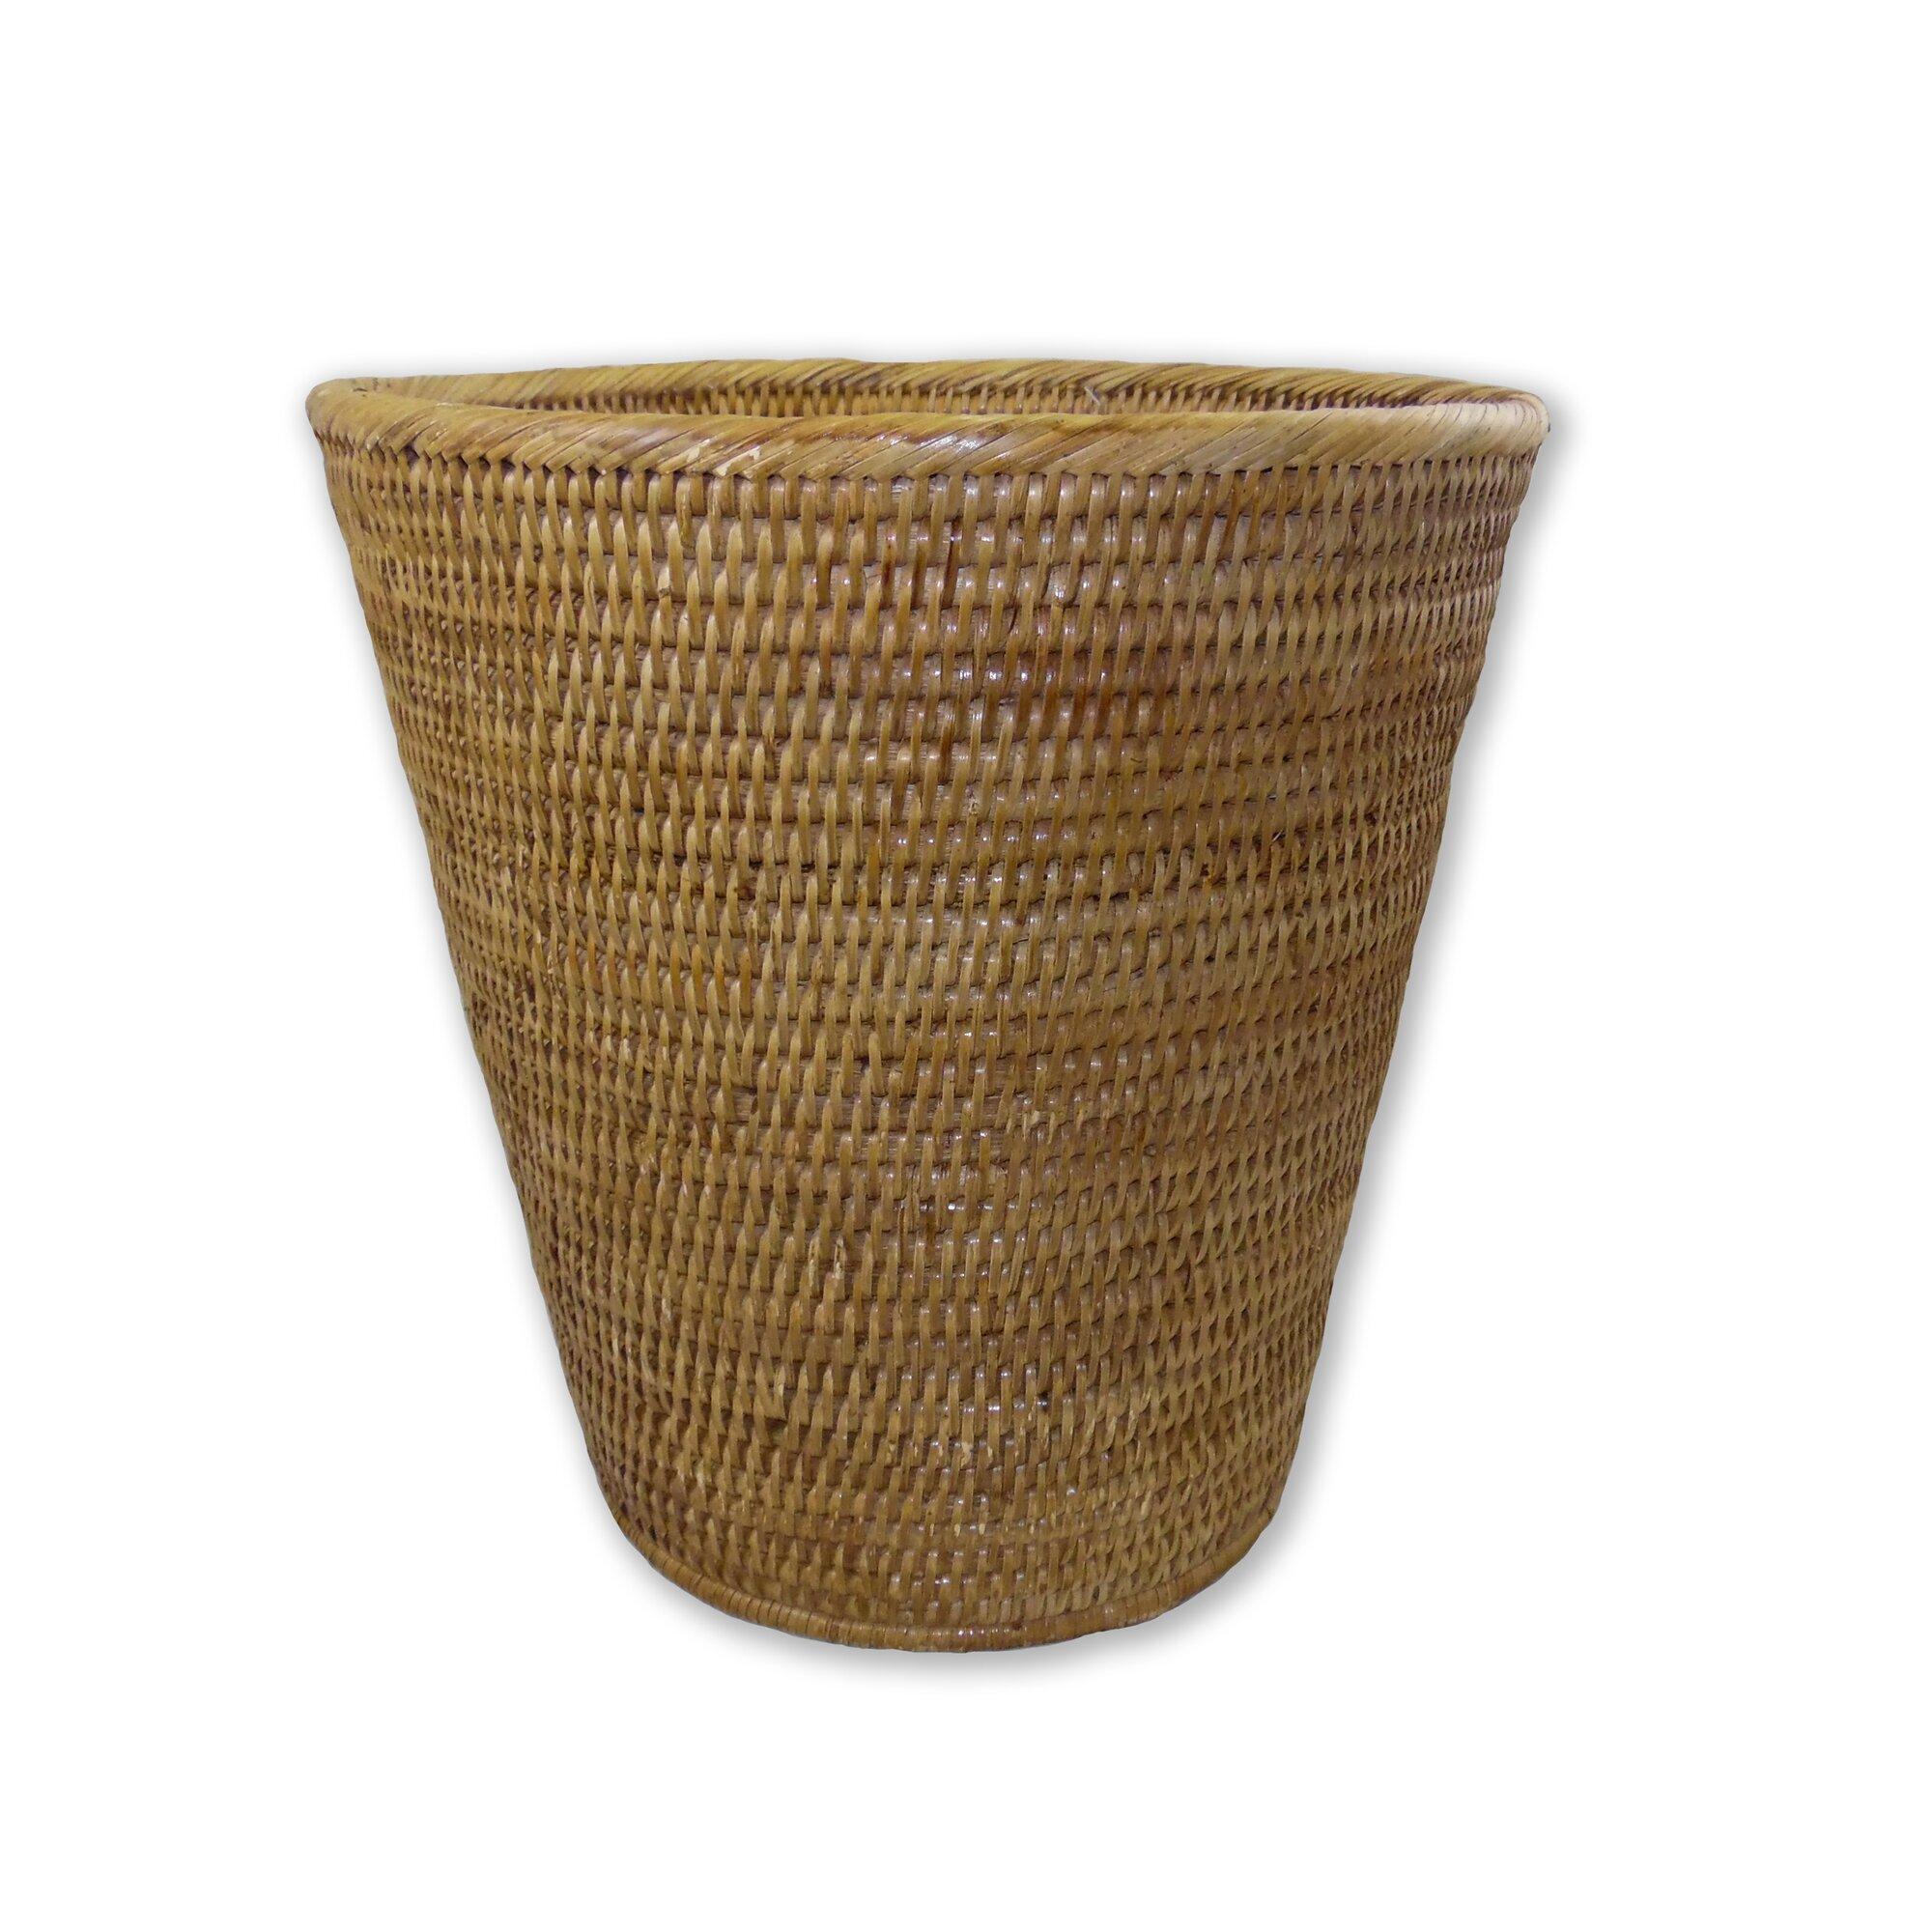 Artifacts trading rattan waste basket reviews - Rattan waste basket ...